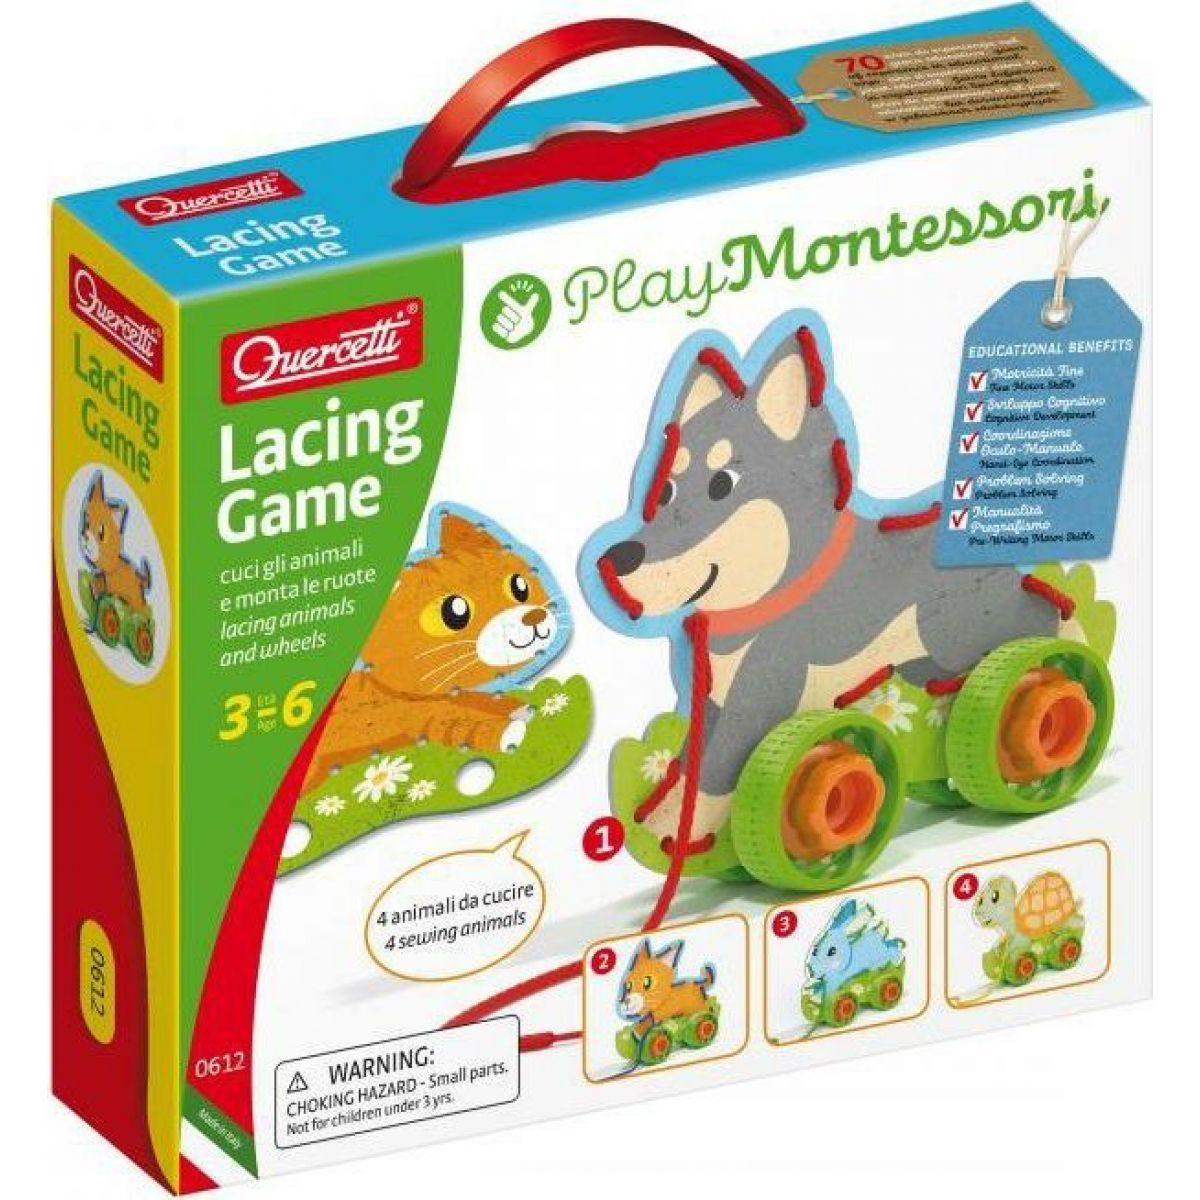 Lacing Game lacing animals & wheels Šněrovací zvířátka s kolečky